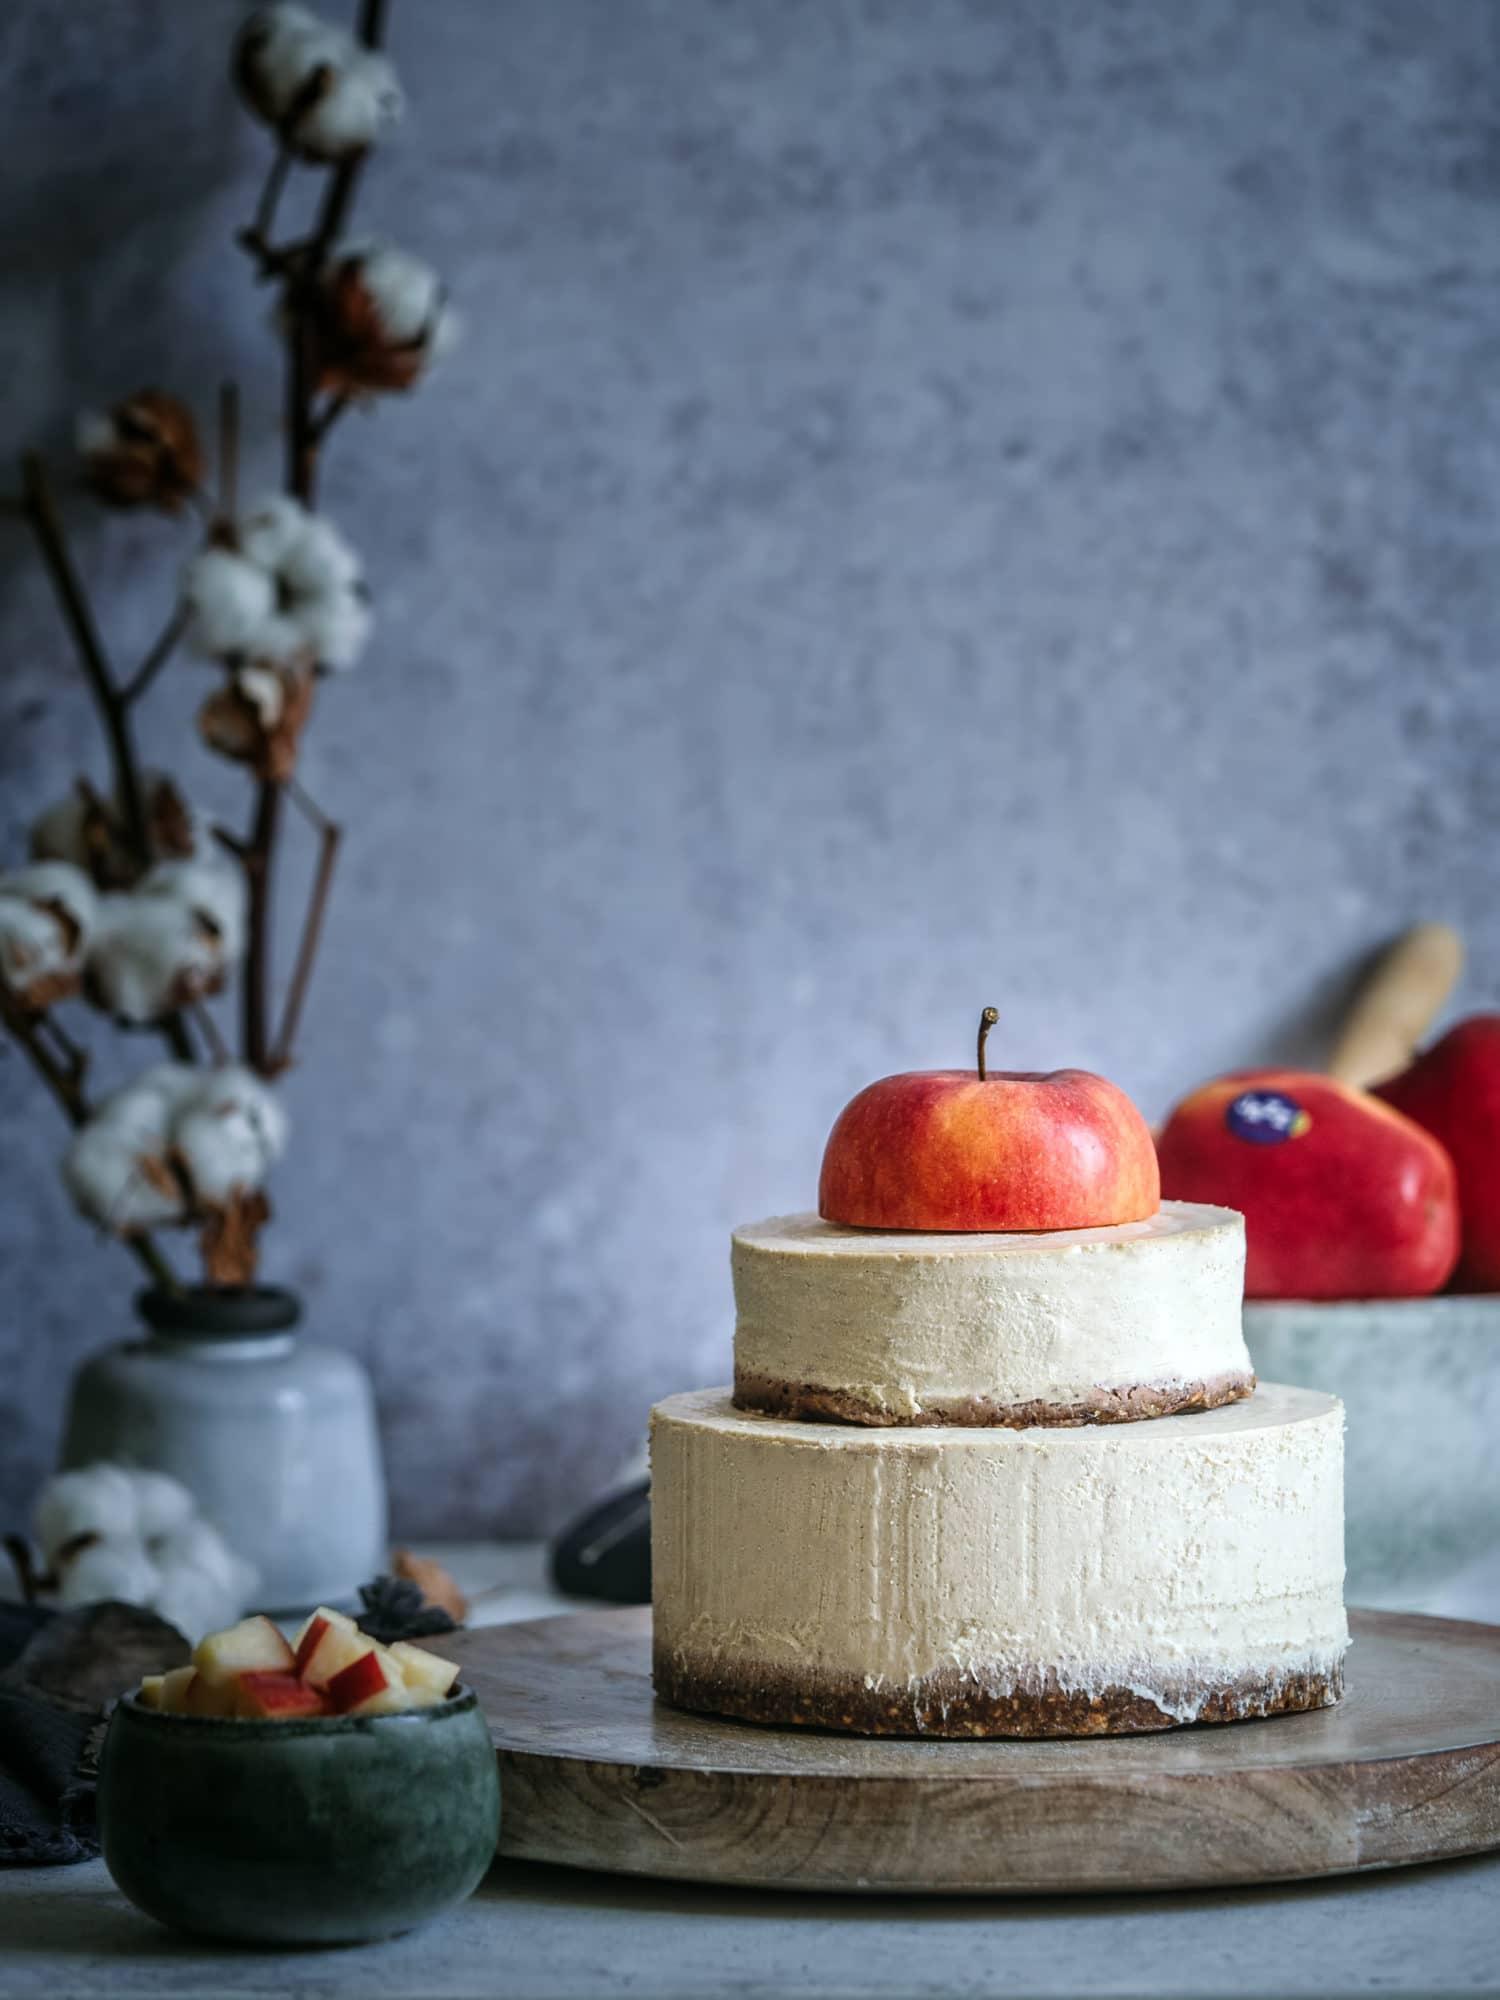 Kuchen ohne Backen mit Apfel obenauf